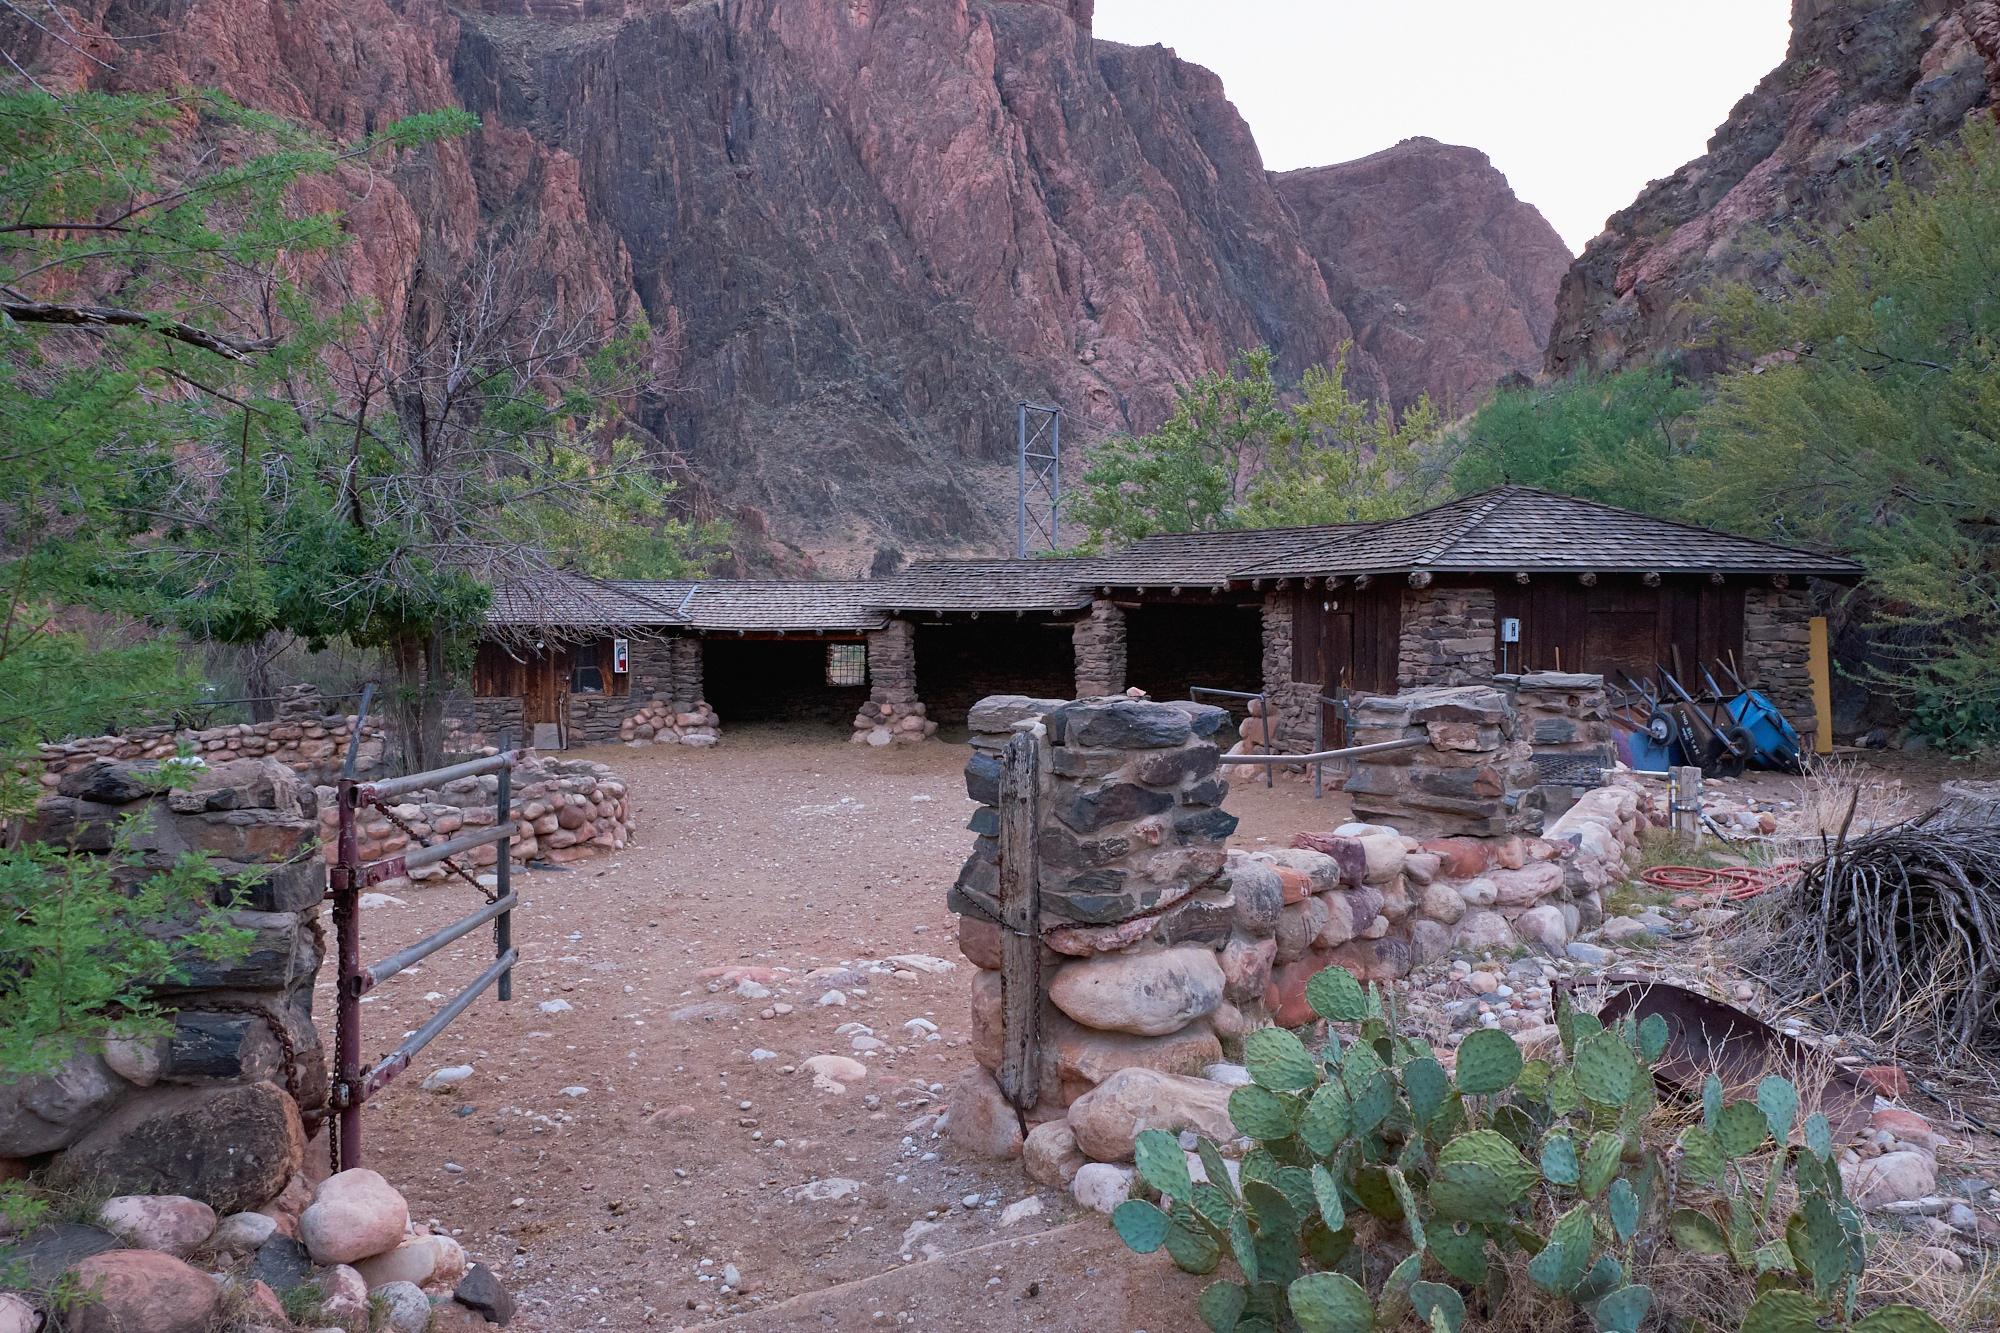 RyanKodakBrown-+Arizona+Trail+and+Wild+West+Route-1864.jpg